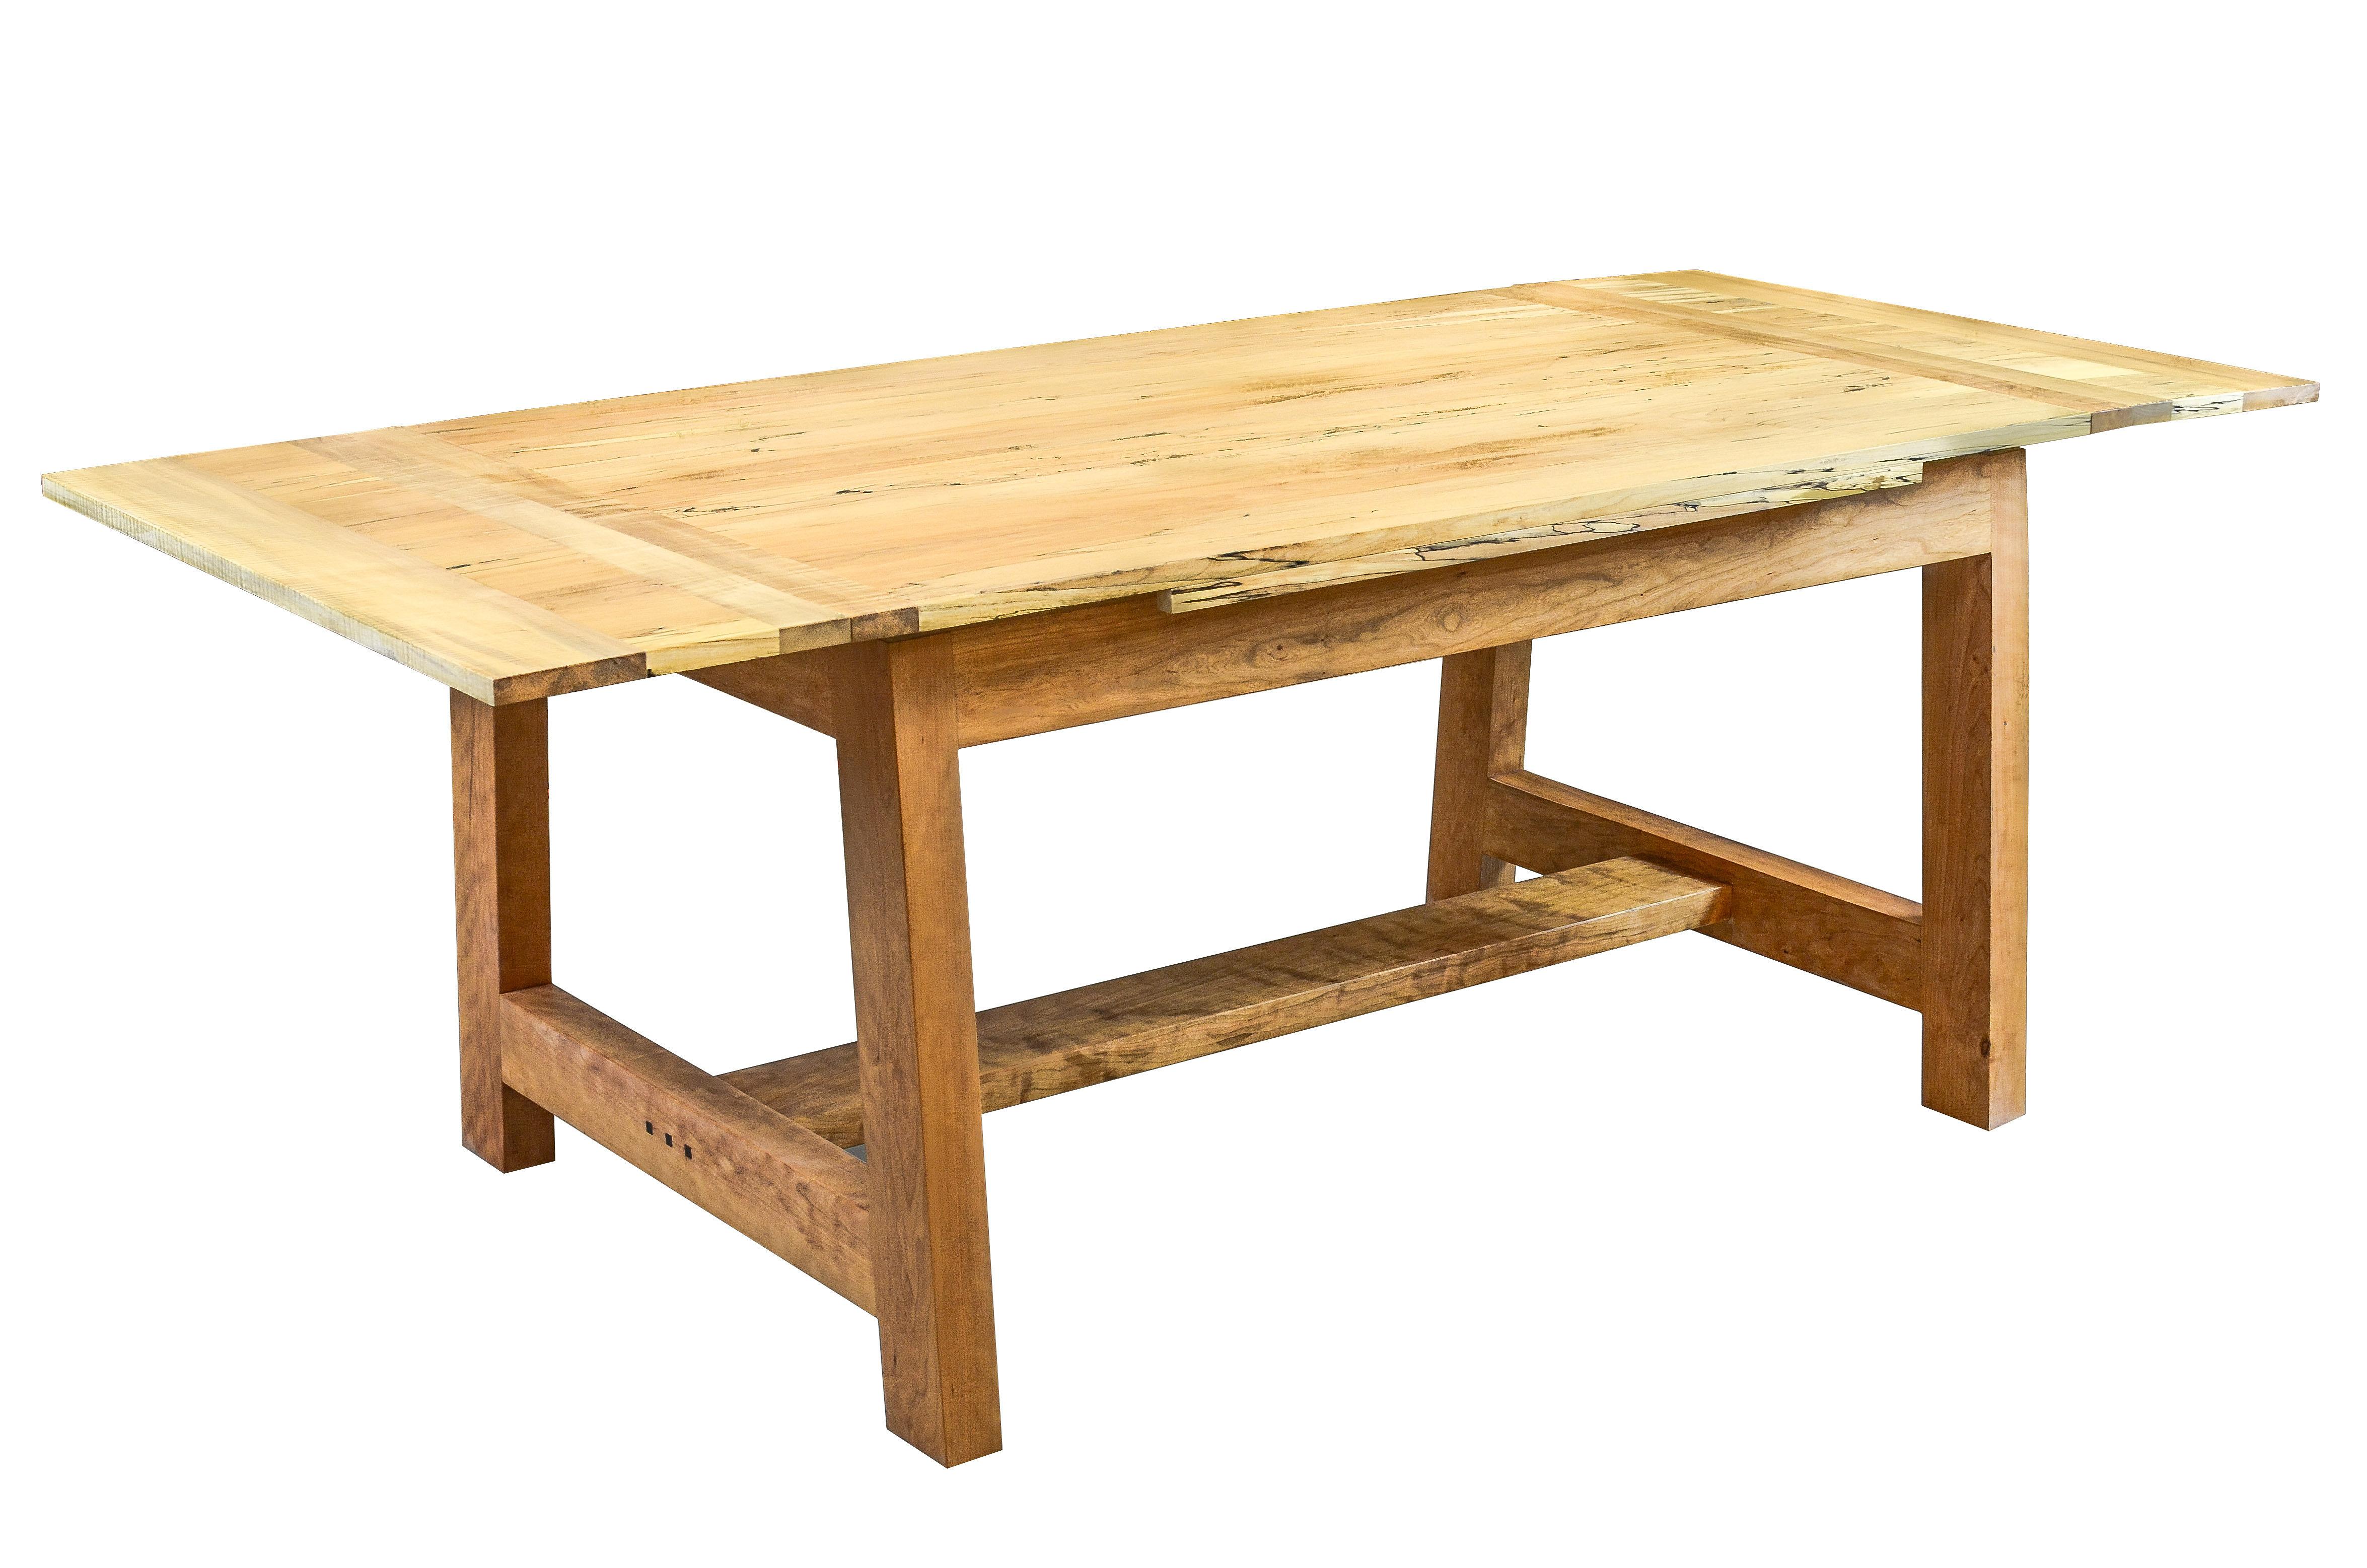 Fine Furniture Maker Bend Sisters Oregon Spring Creek Woo - Bend furniture